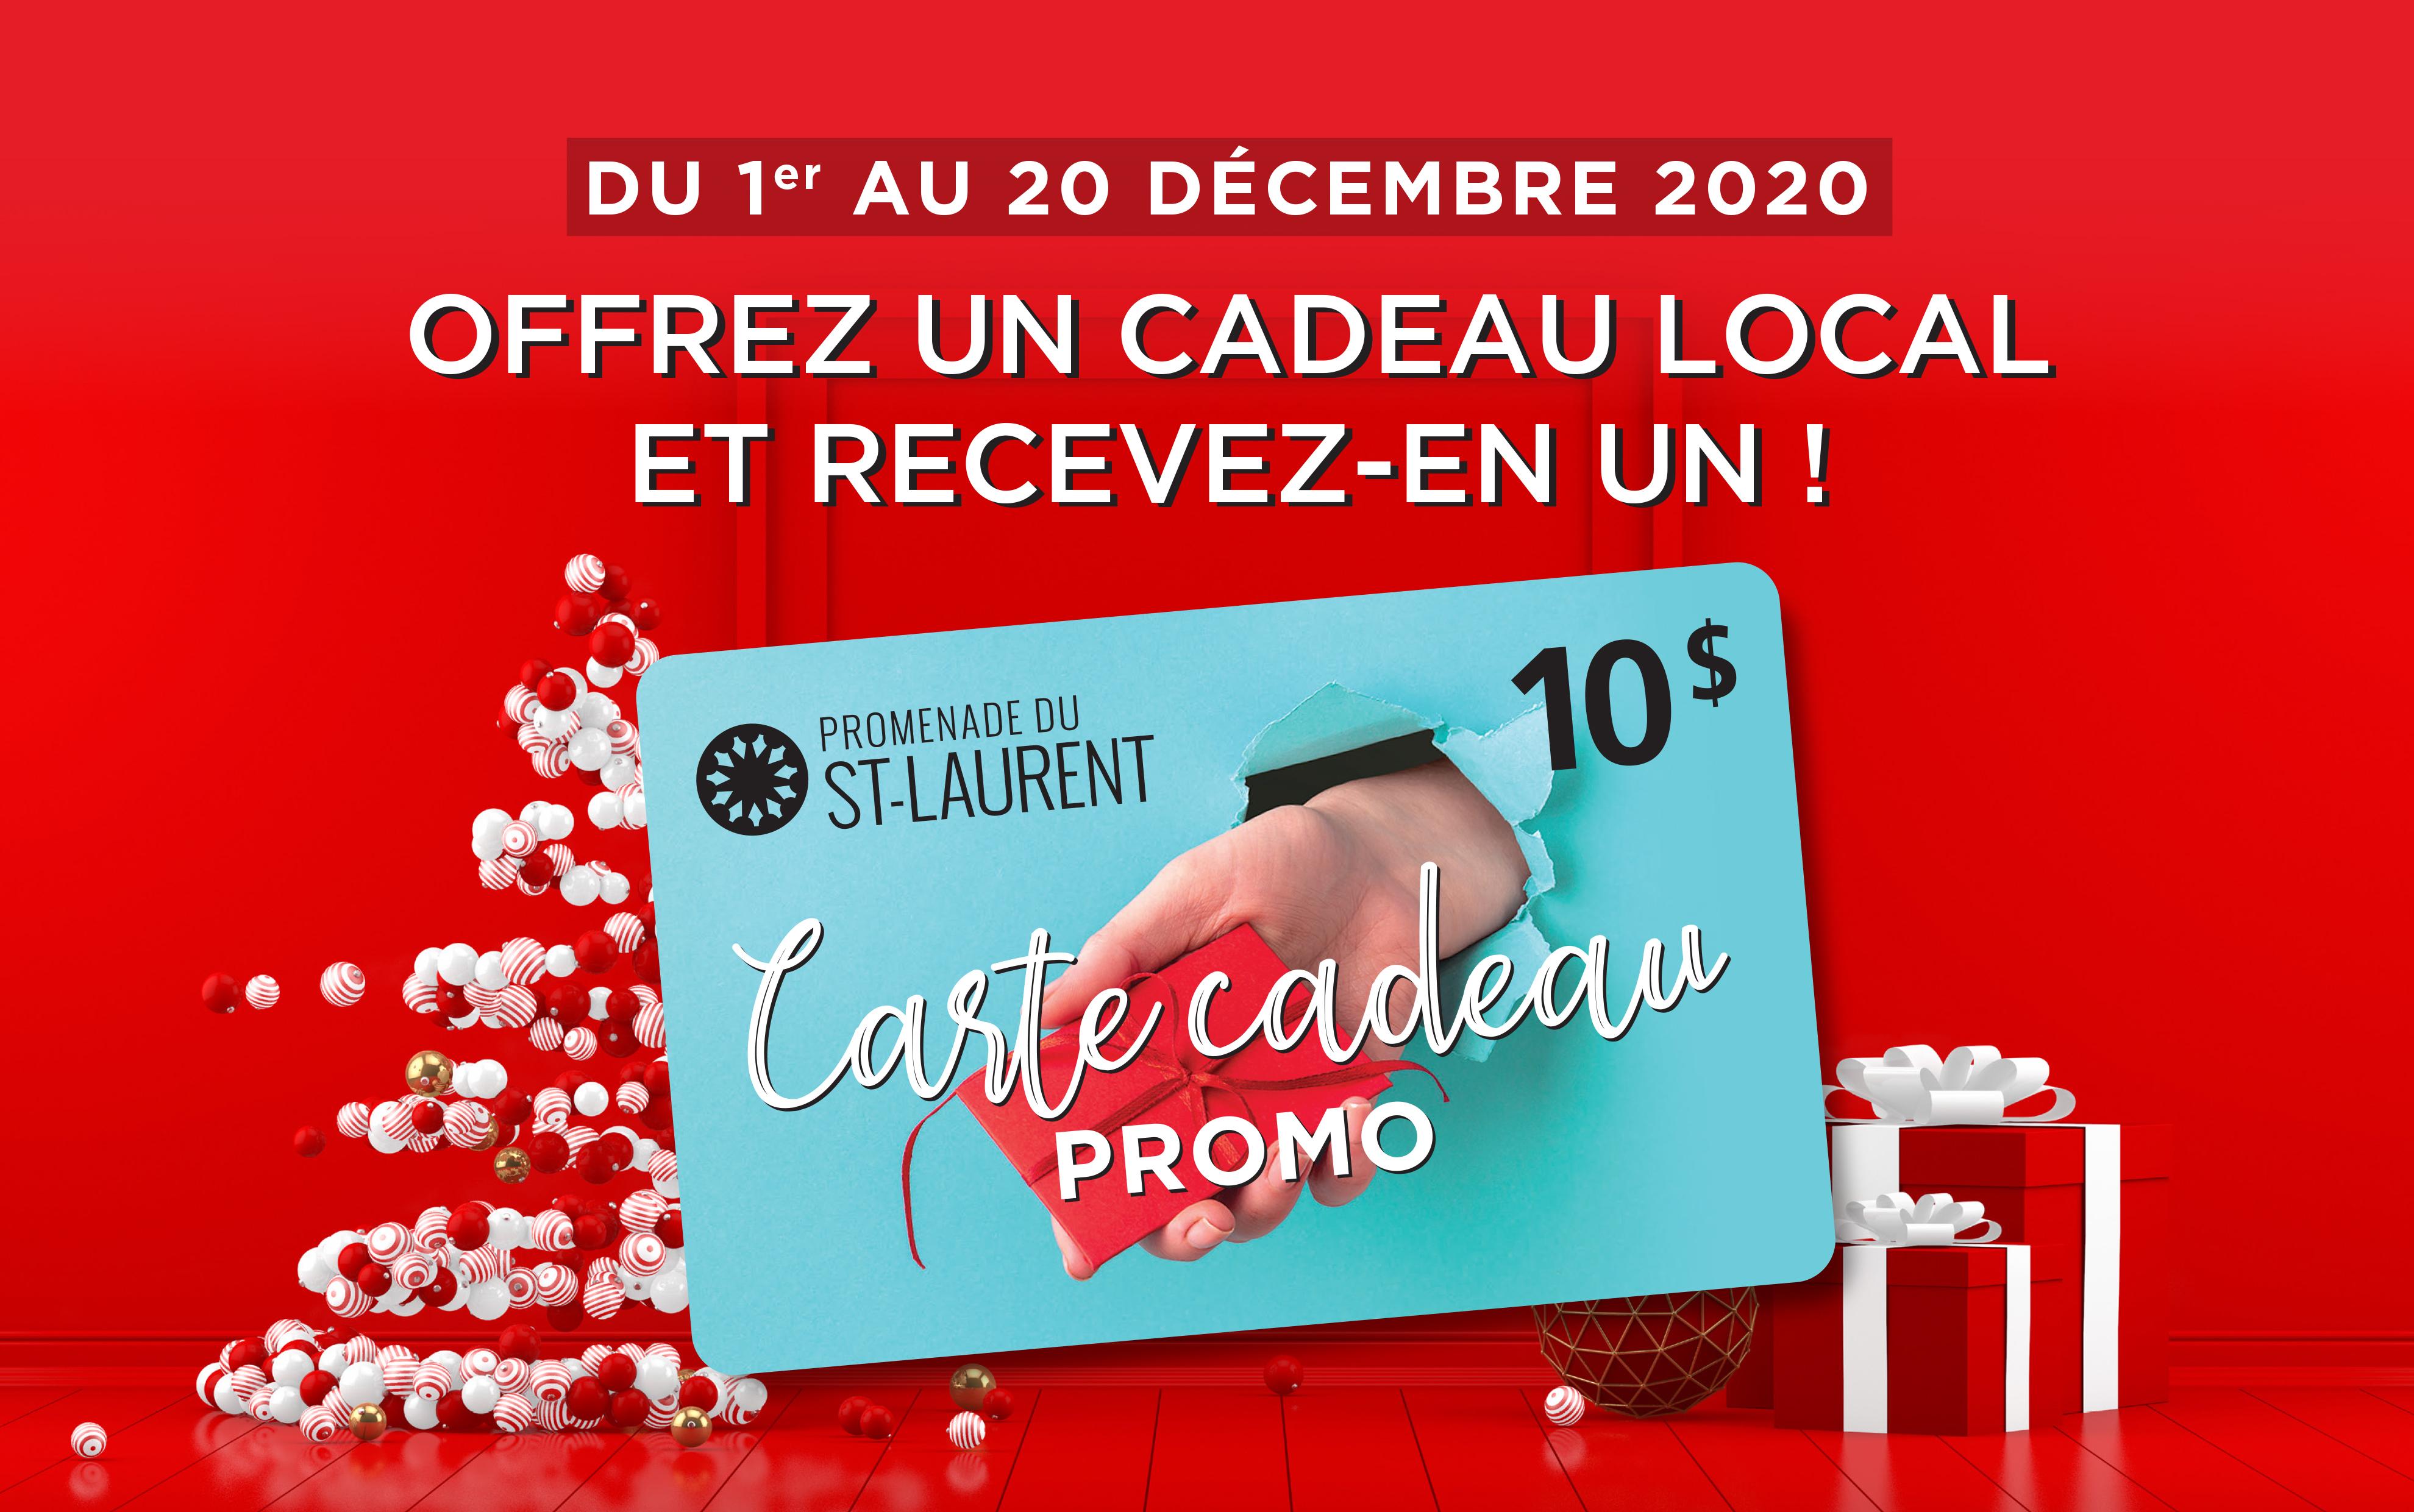 PromenadeStLaurent_PromoCarteCadeau_web